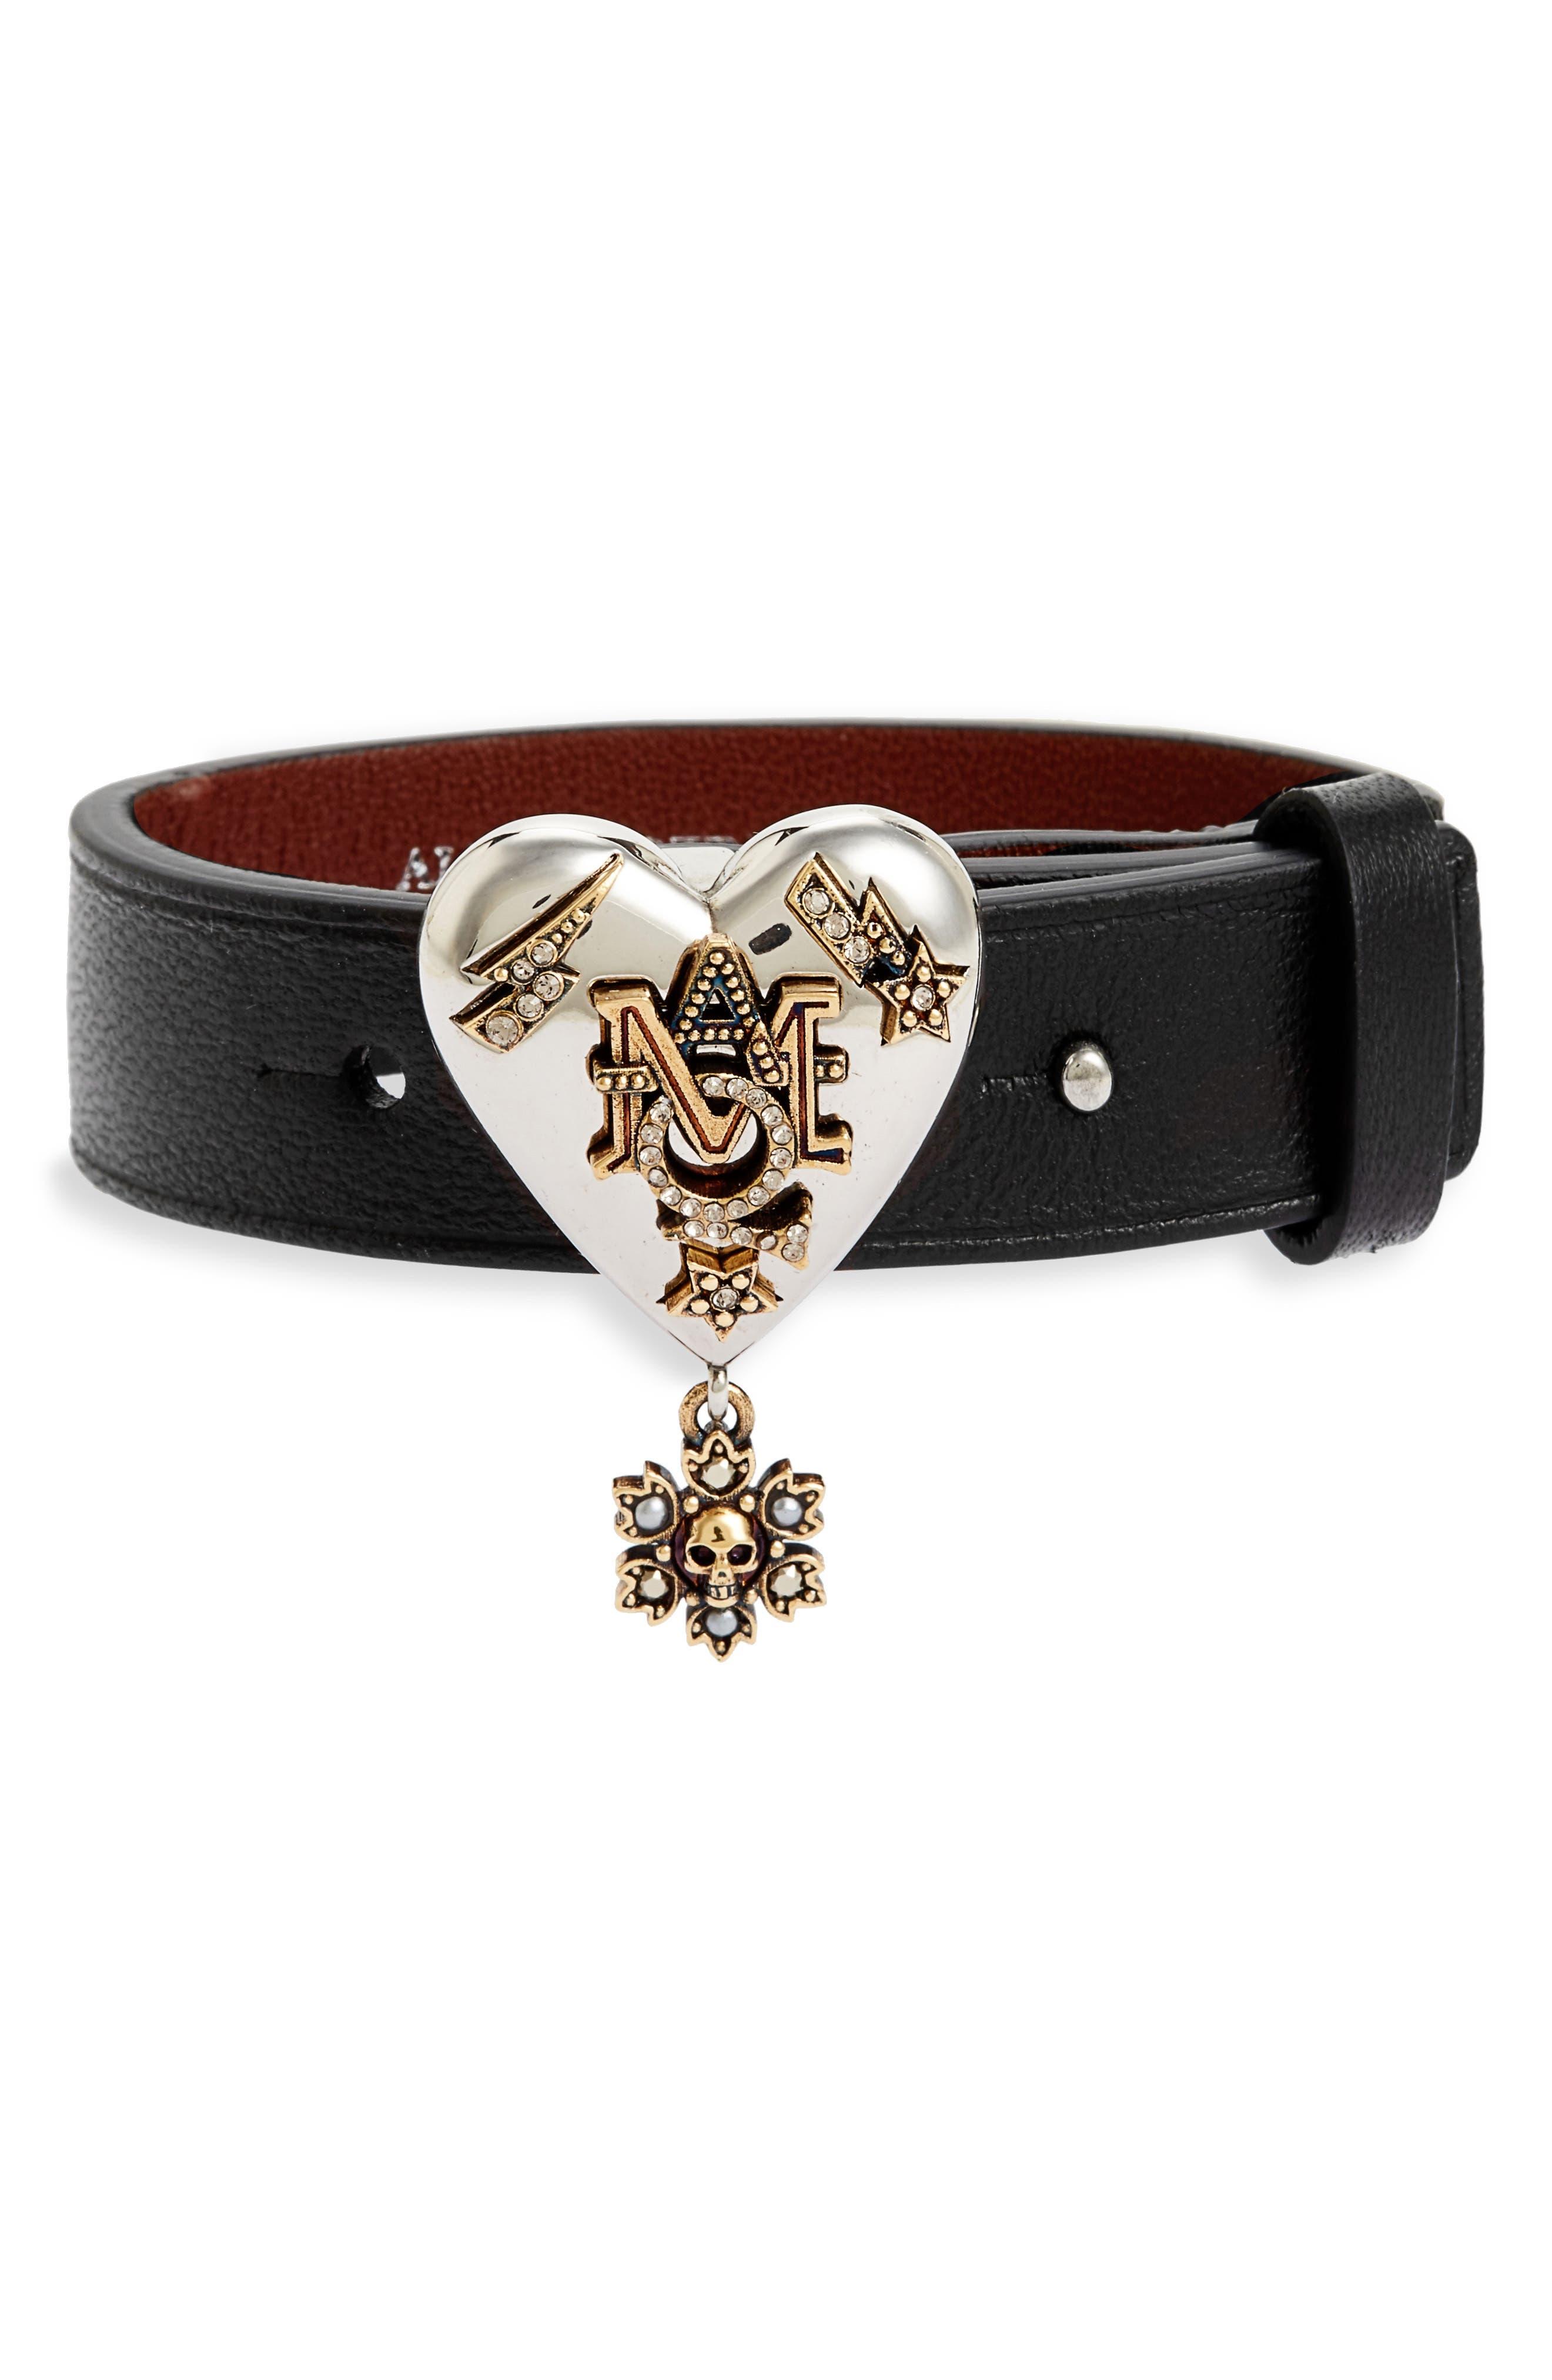 Alexander McQueen Metallic Heart Leather Bracelet